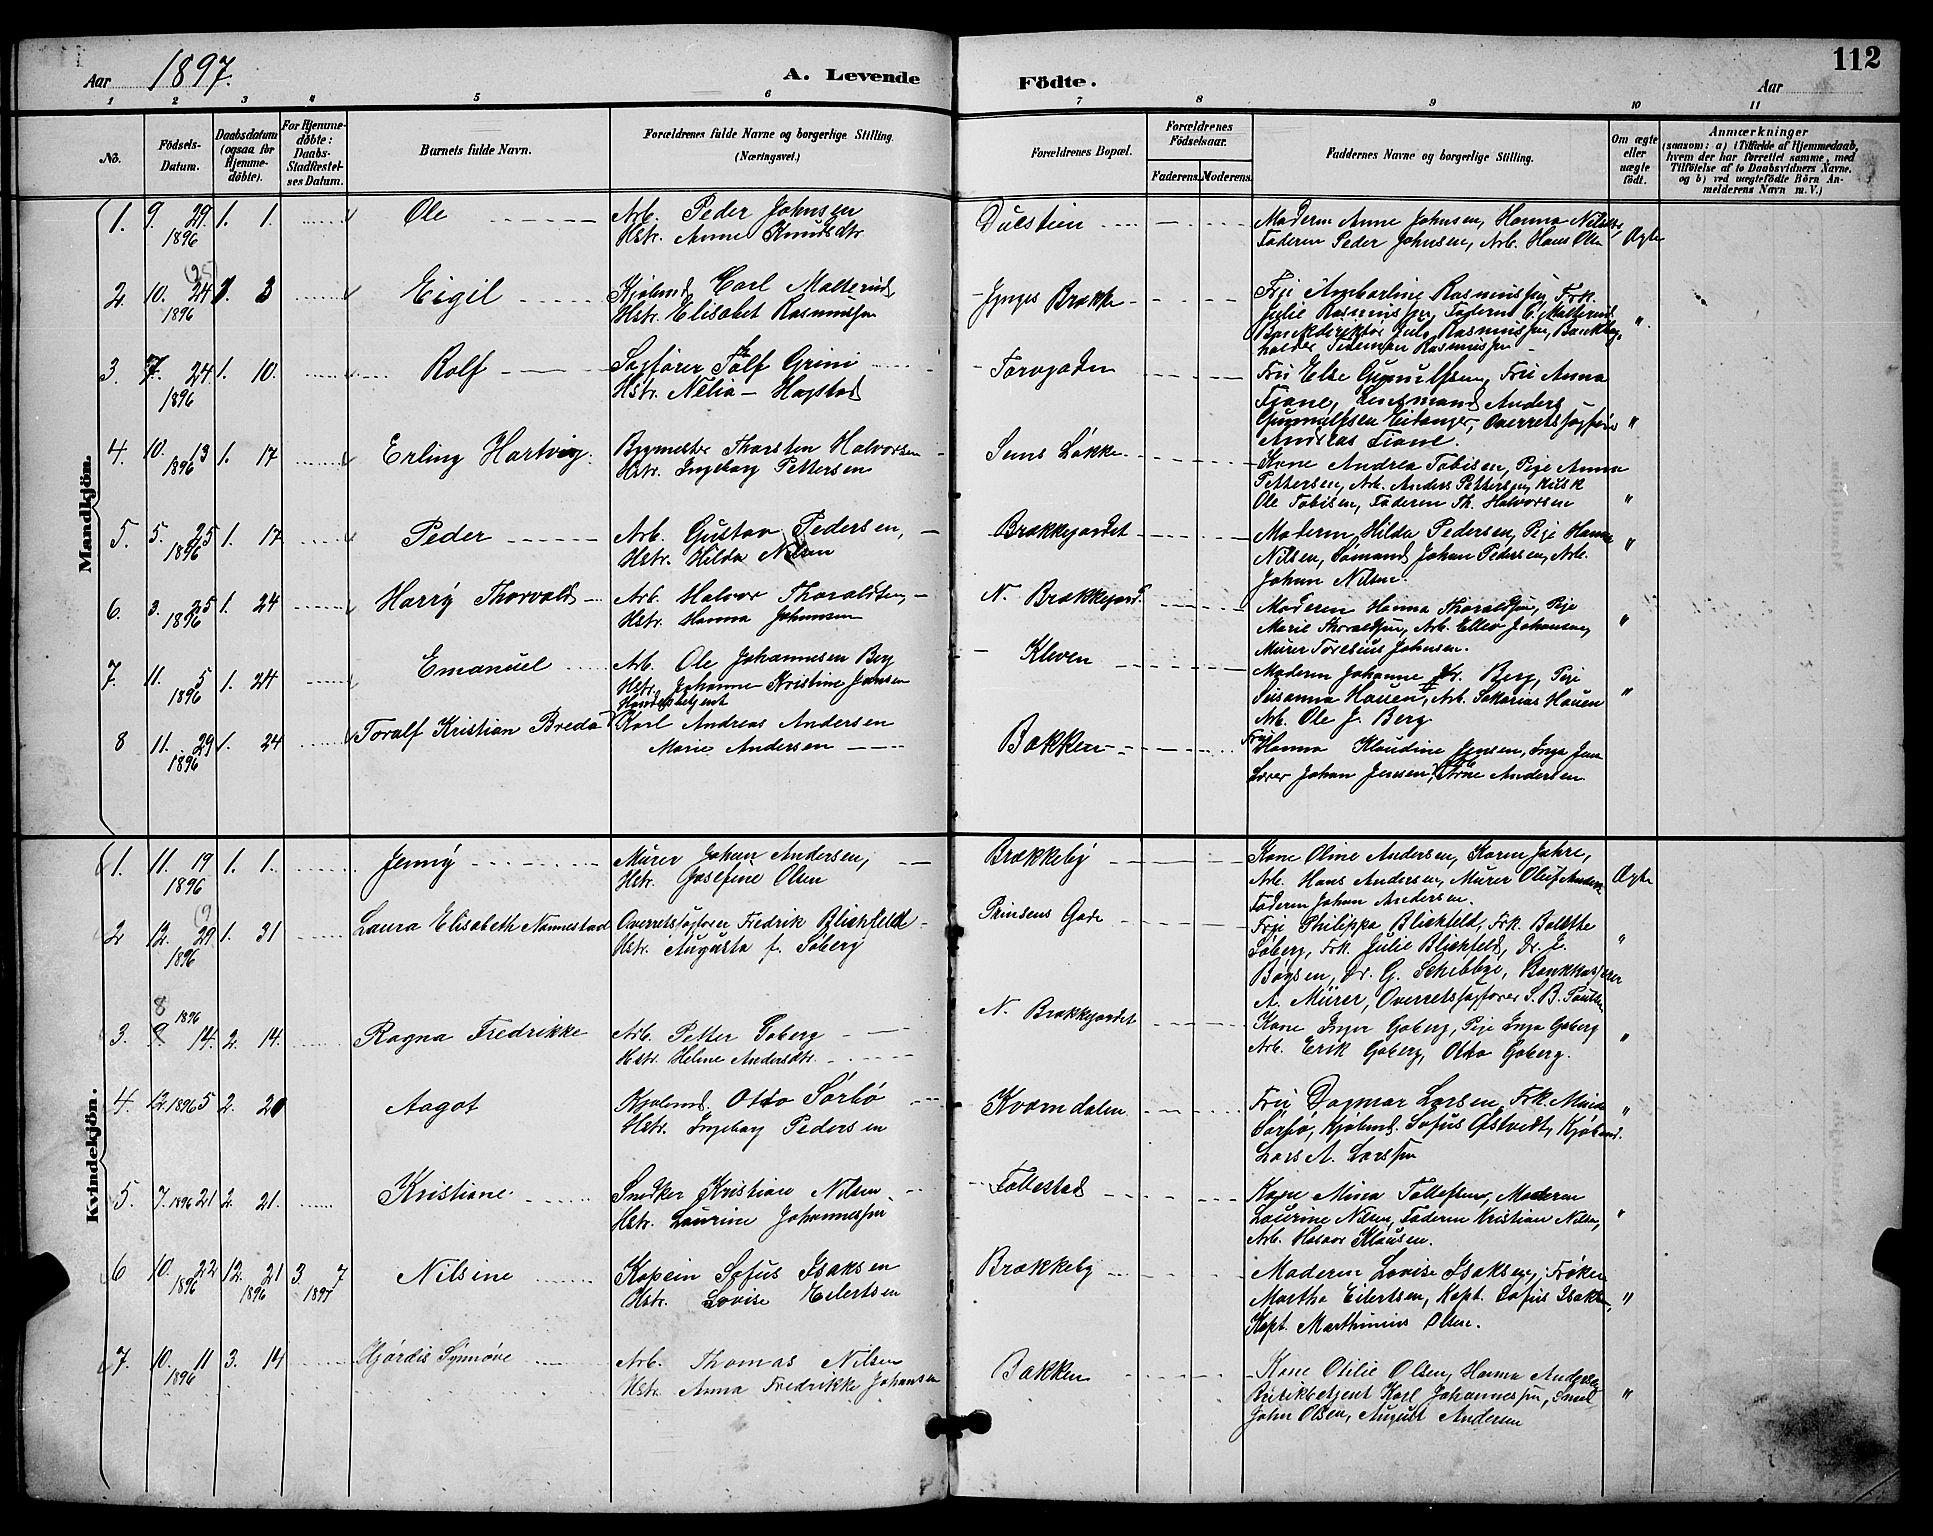 SAKO, Skien kirkebøker, G/Ga/L0007: Klokkerbok nr. 7, 1891-1900, s. 112